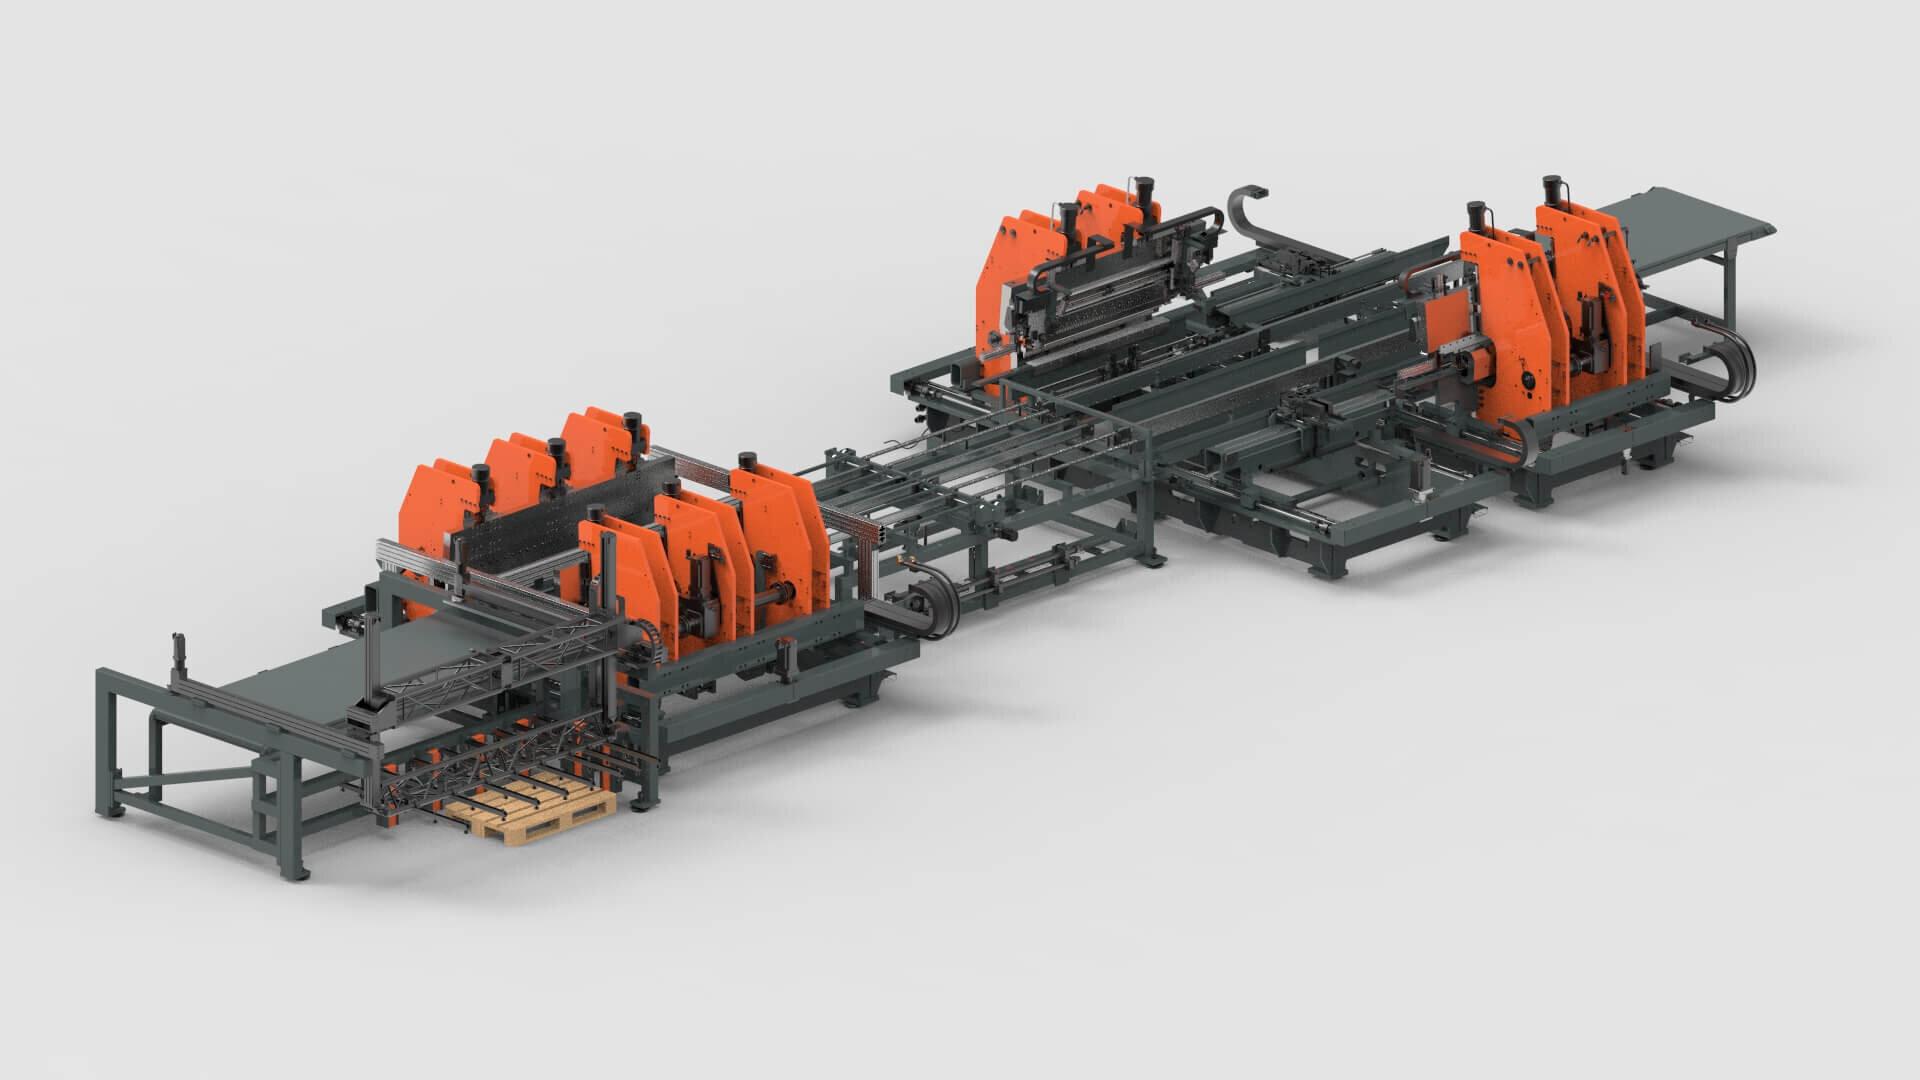 wemo-stahlschränke-blechbearbeitung-paneele-biegen-produktionslinie.jpg